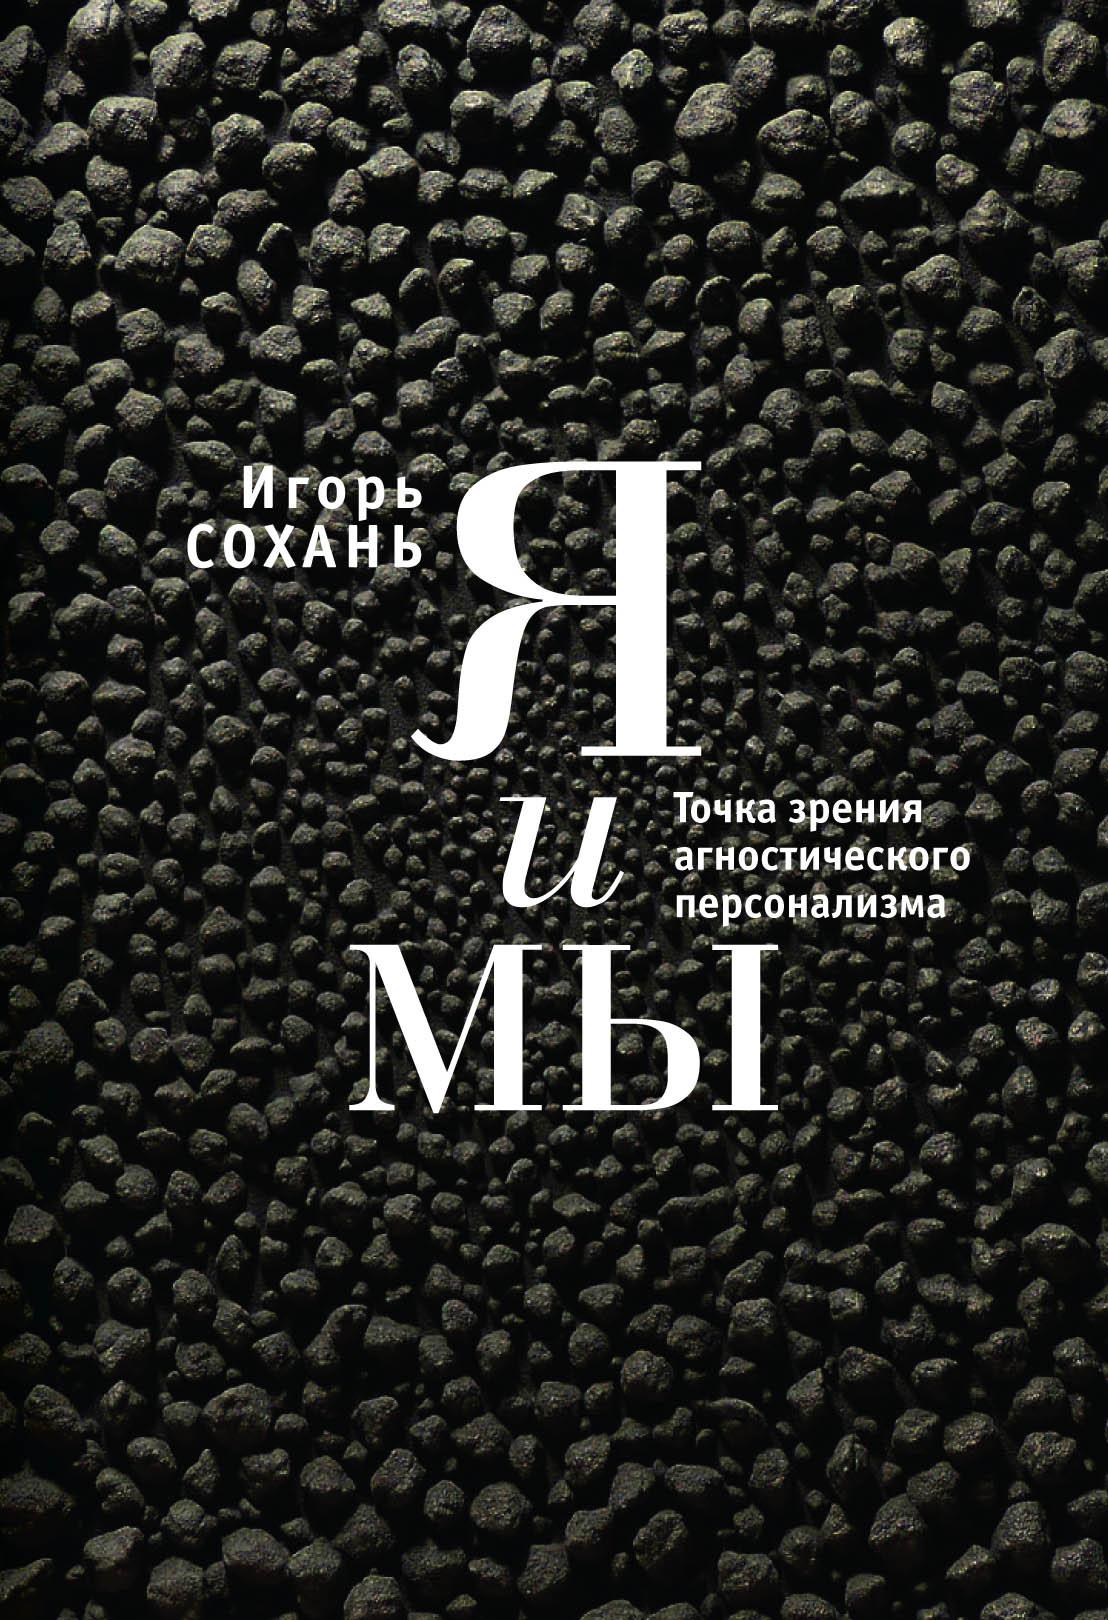 Игорь Сохань «Я и мы. Точка зрения агностического персонализма»